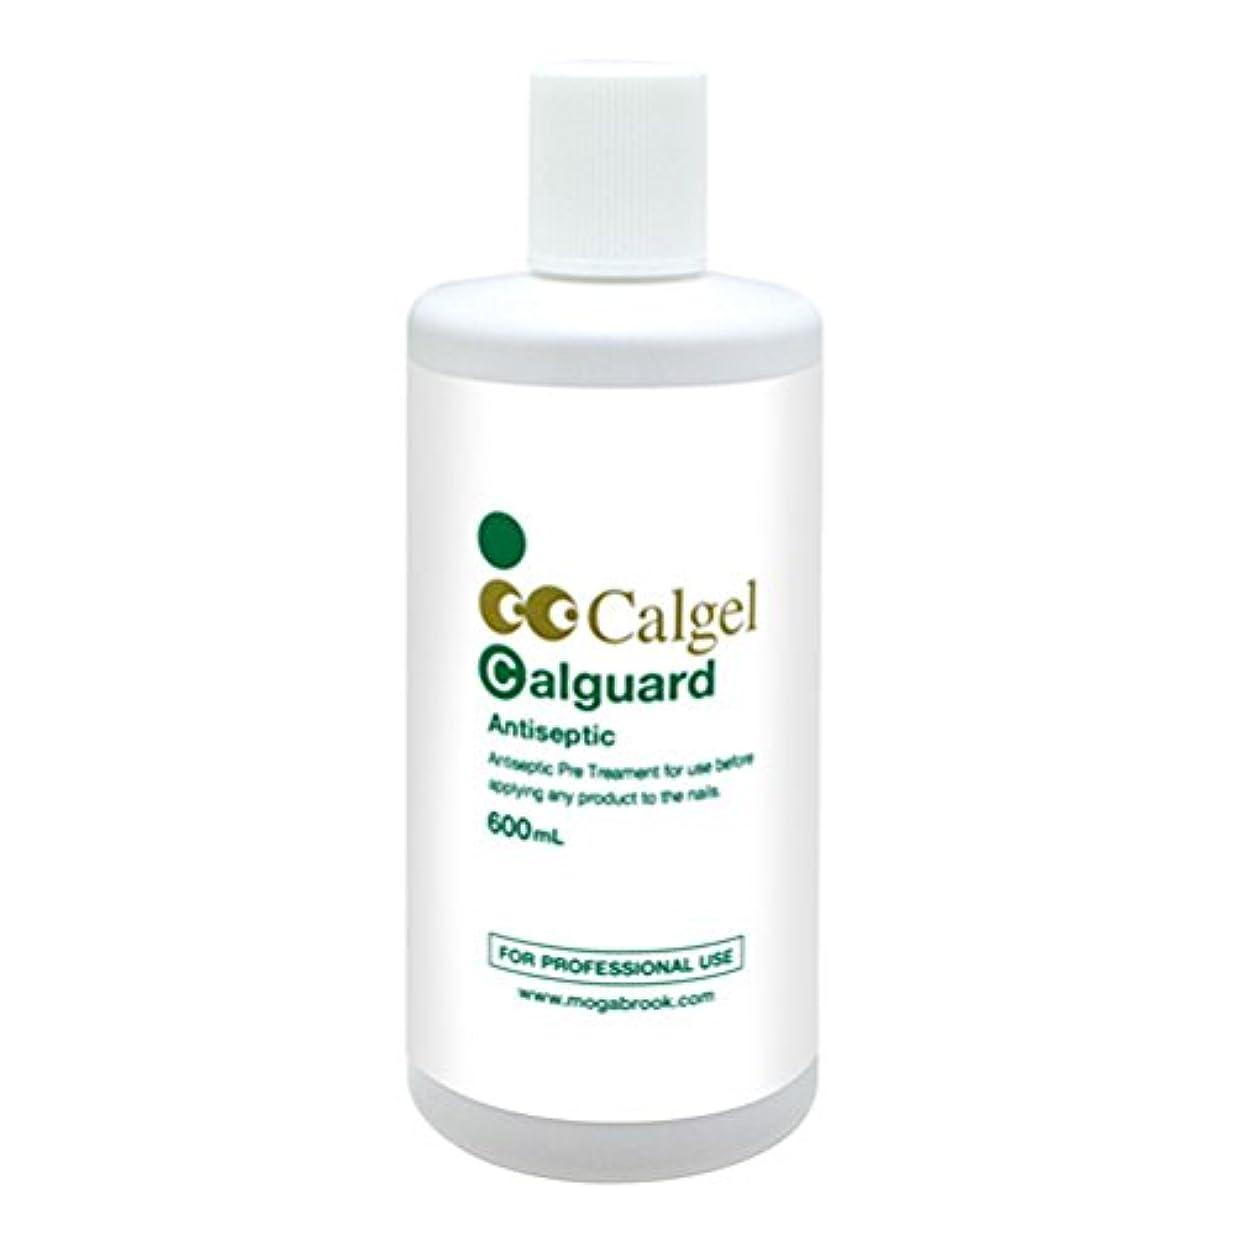 真空懐疑論タンパク質Calgel カルカ゛ート゛600ml